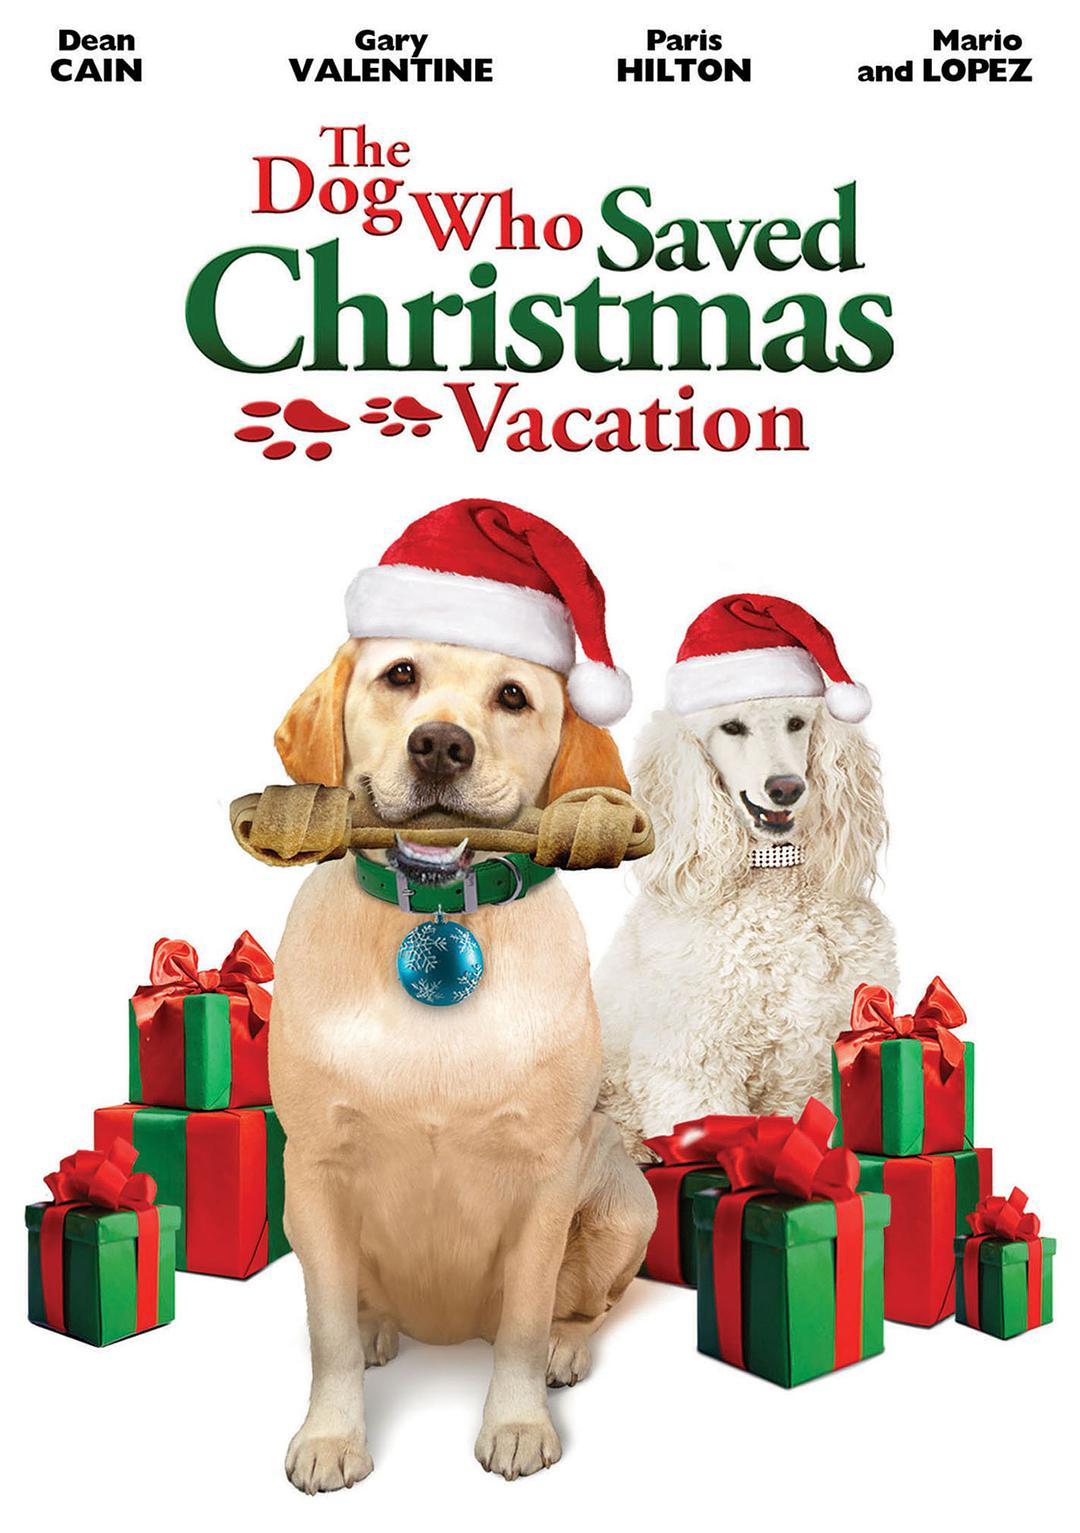 妙狗拯救圣诞节